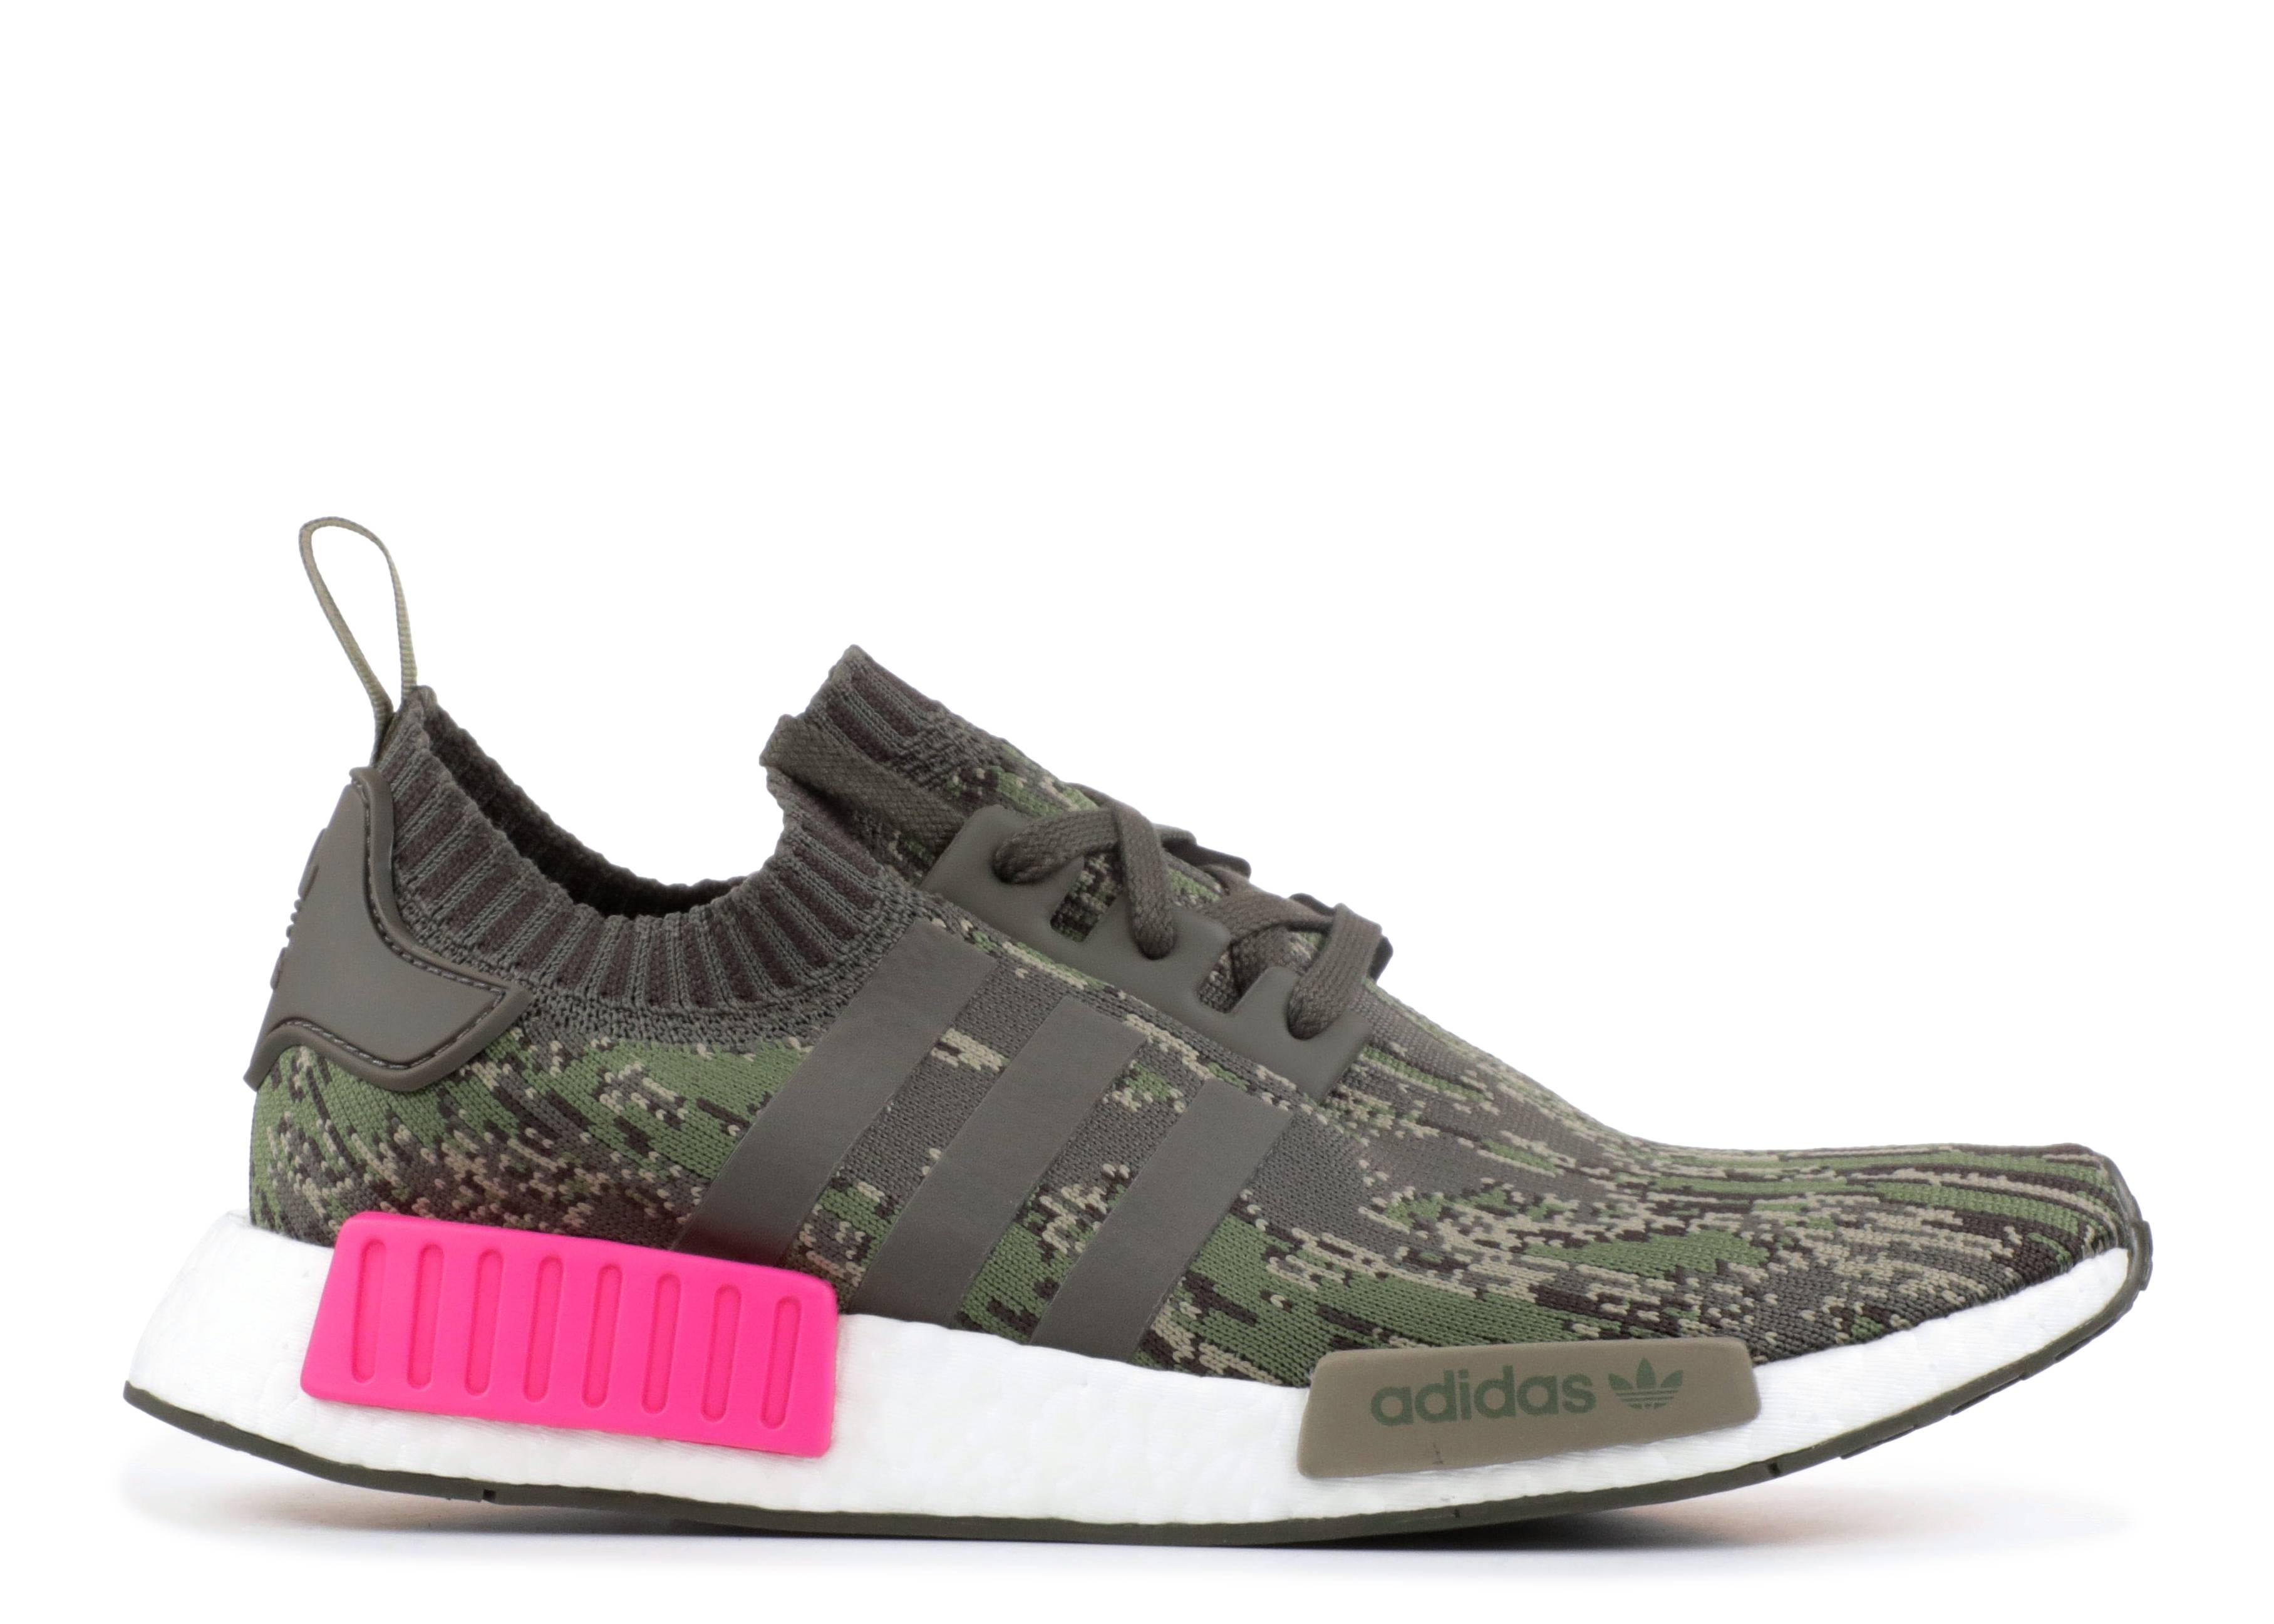 9bb2ab421e182 Nmd R1 Pk - Adidas - bz0222 - utility grey utility grey shock pink ...